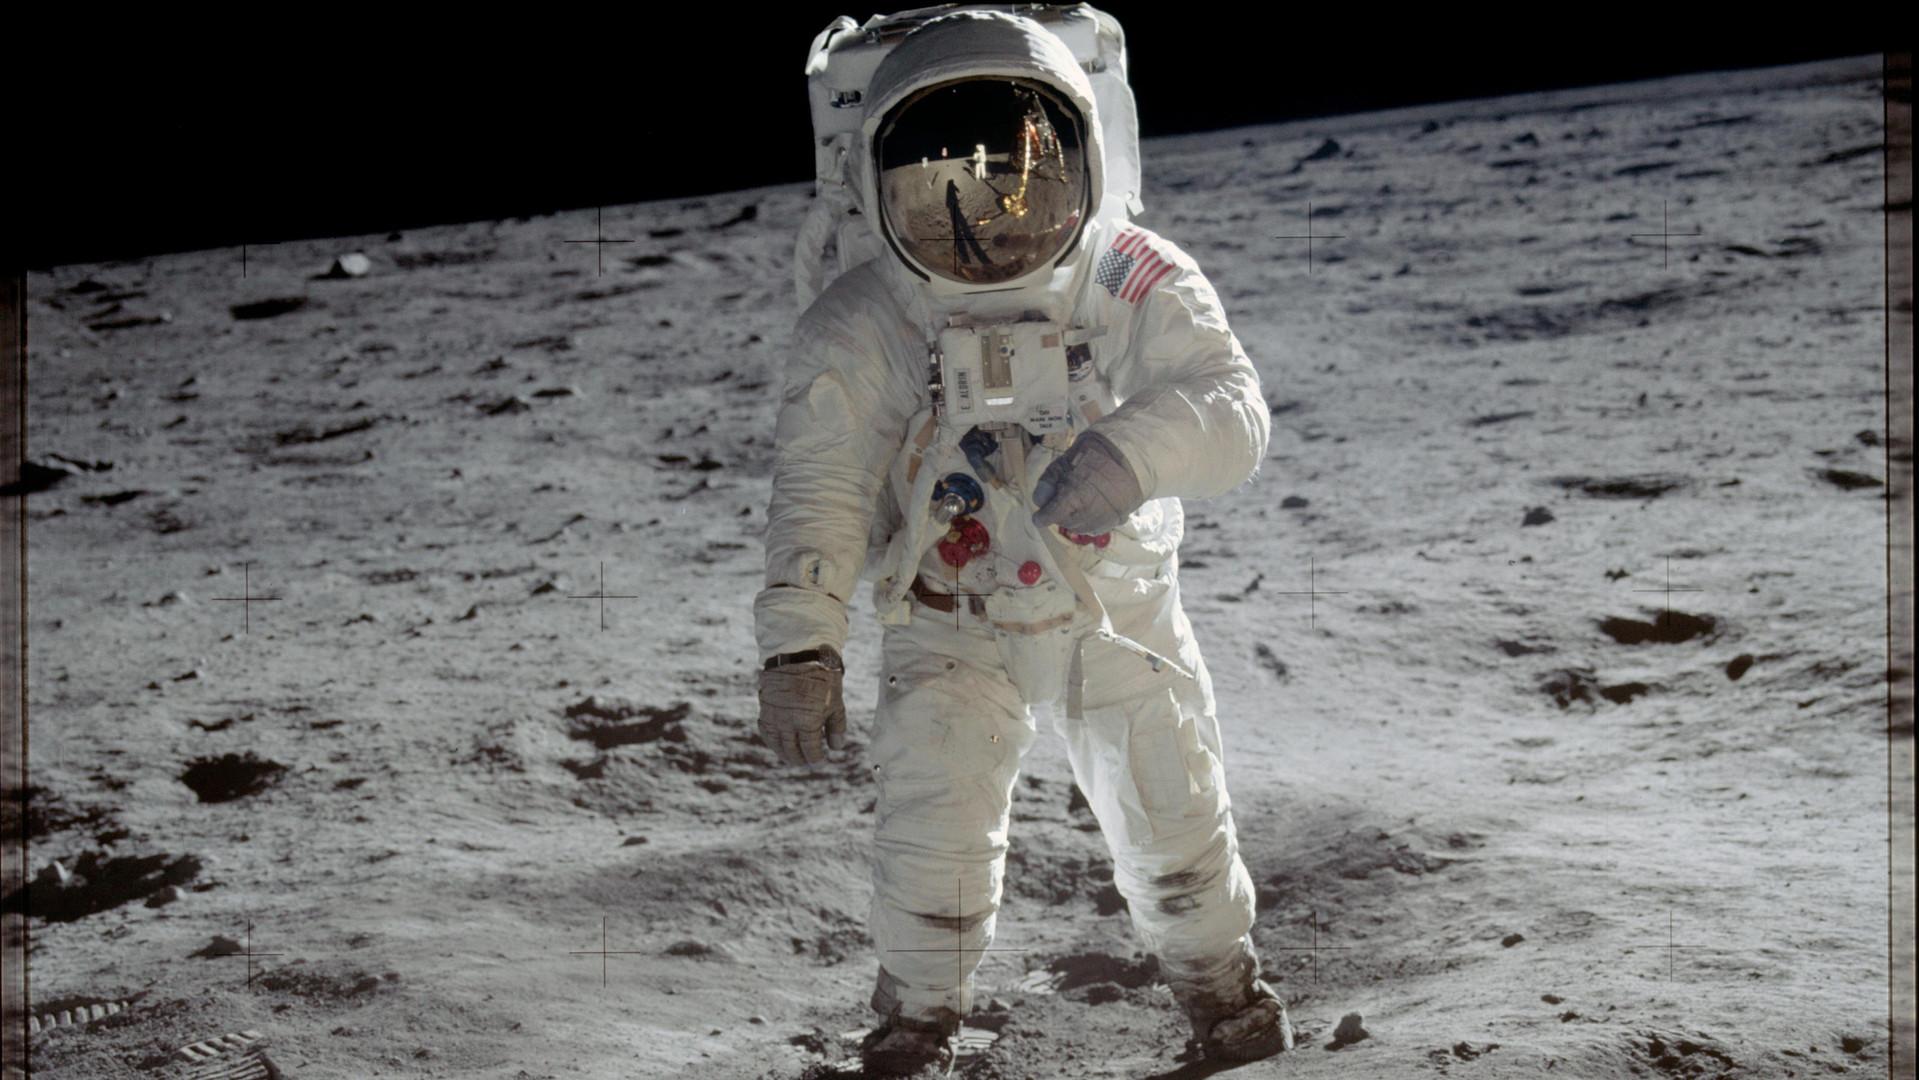 Buzz Aldrin on moon CROPPED.jpg